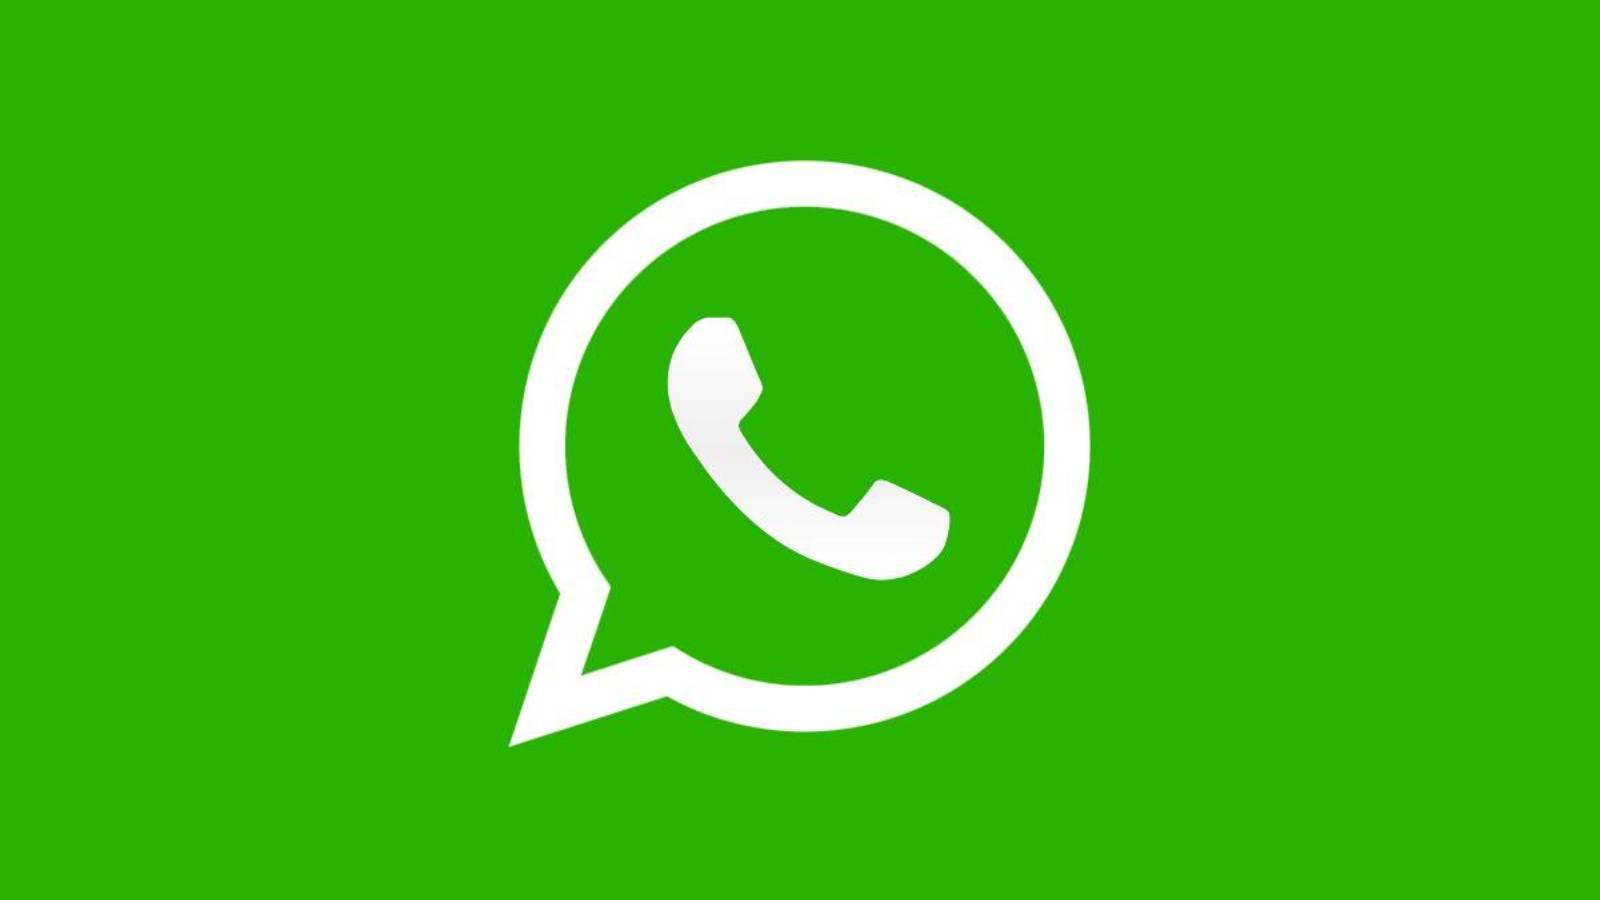 WhatsApp participare